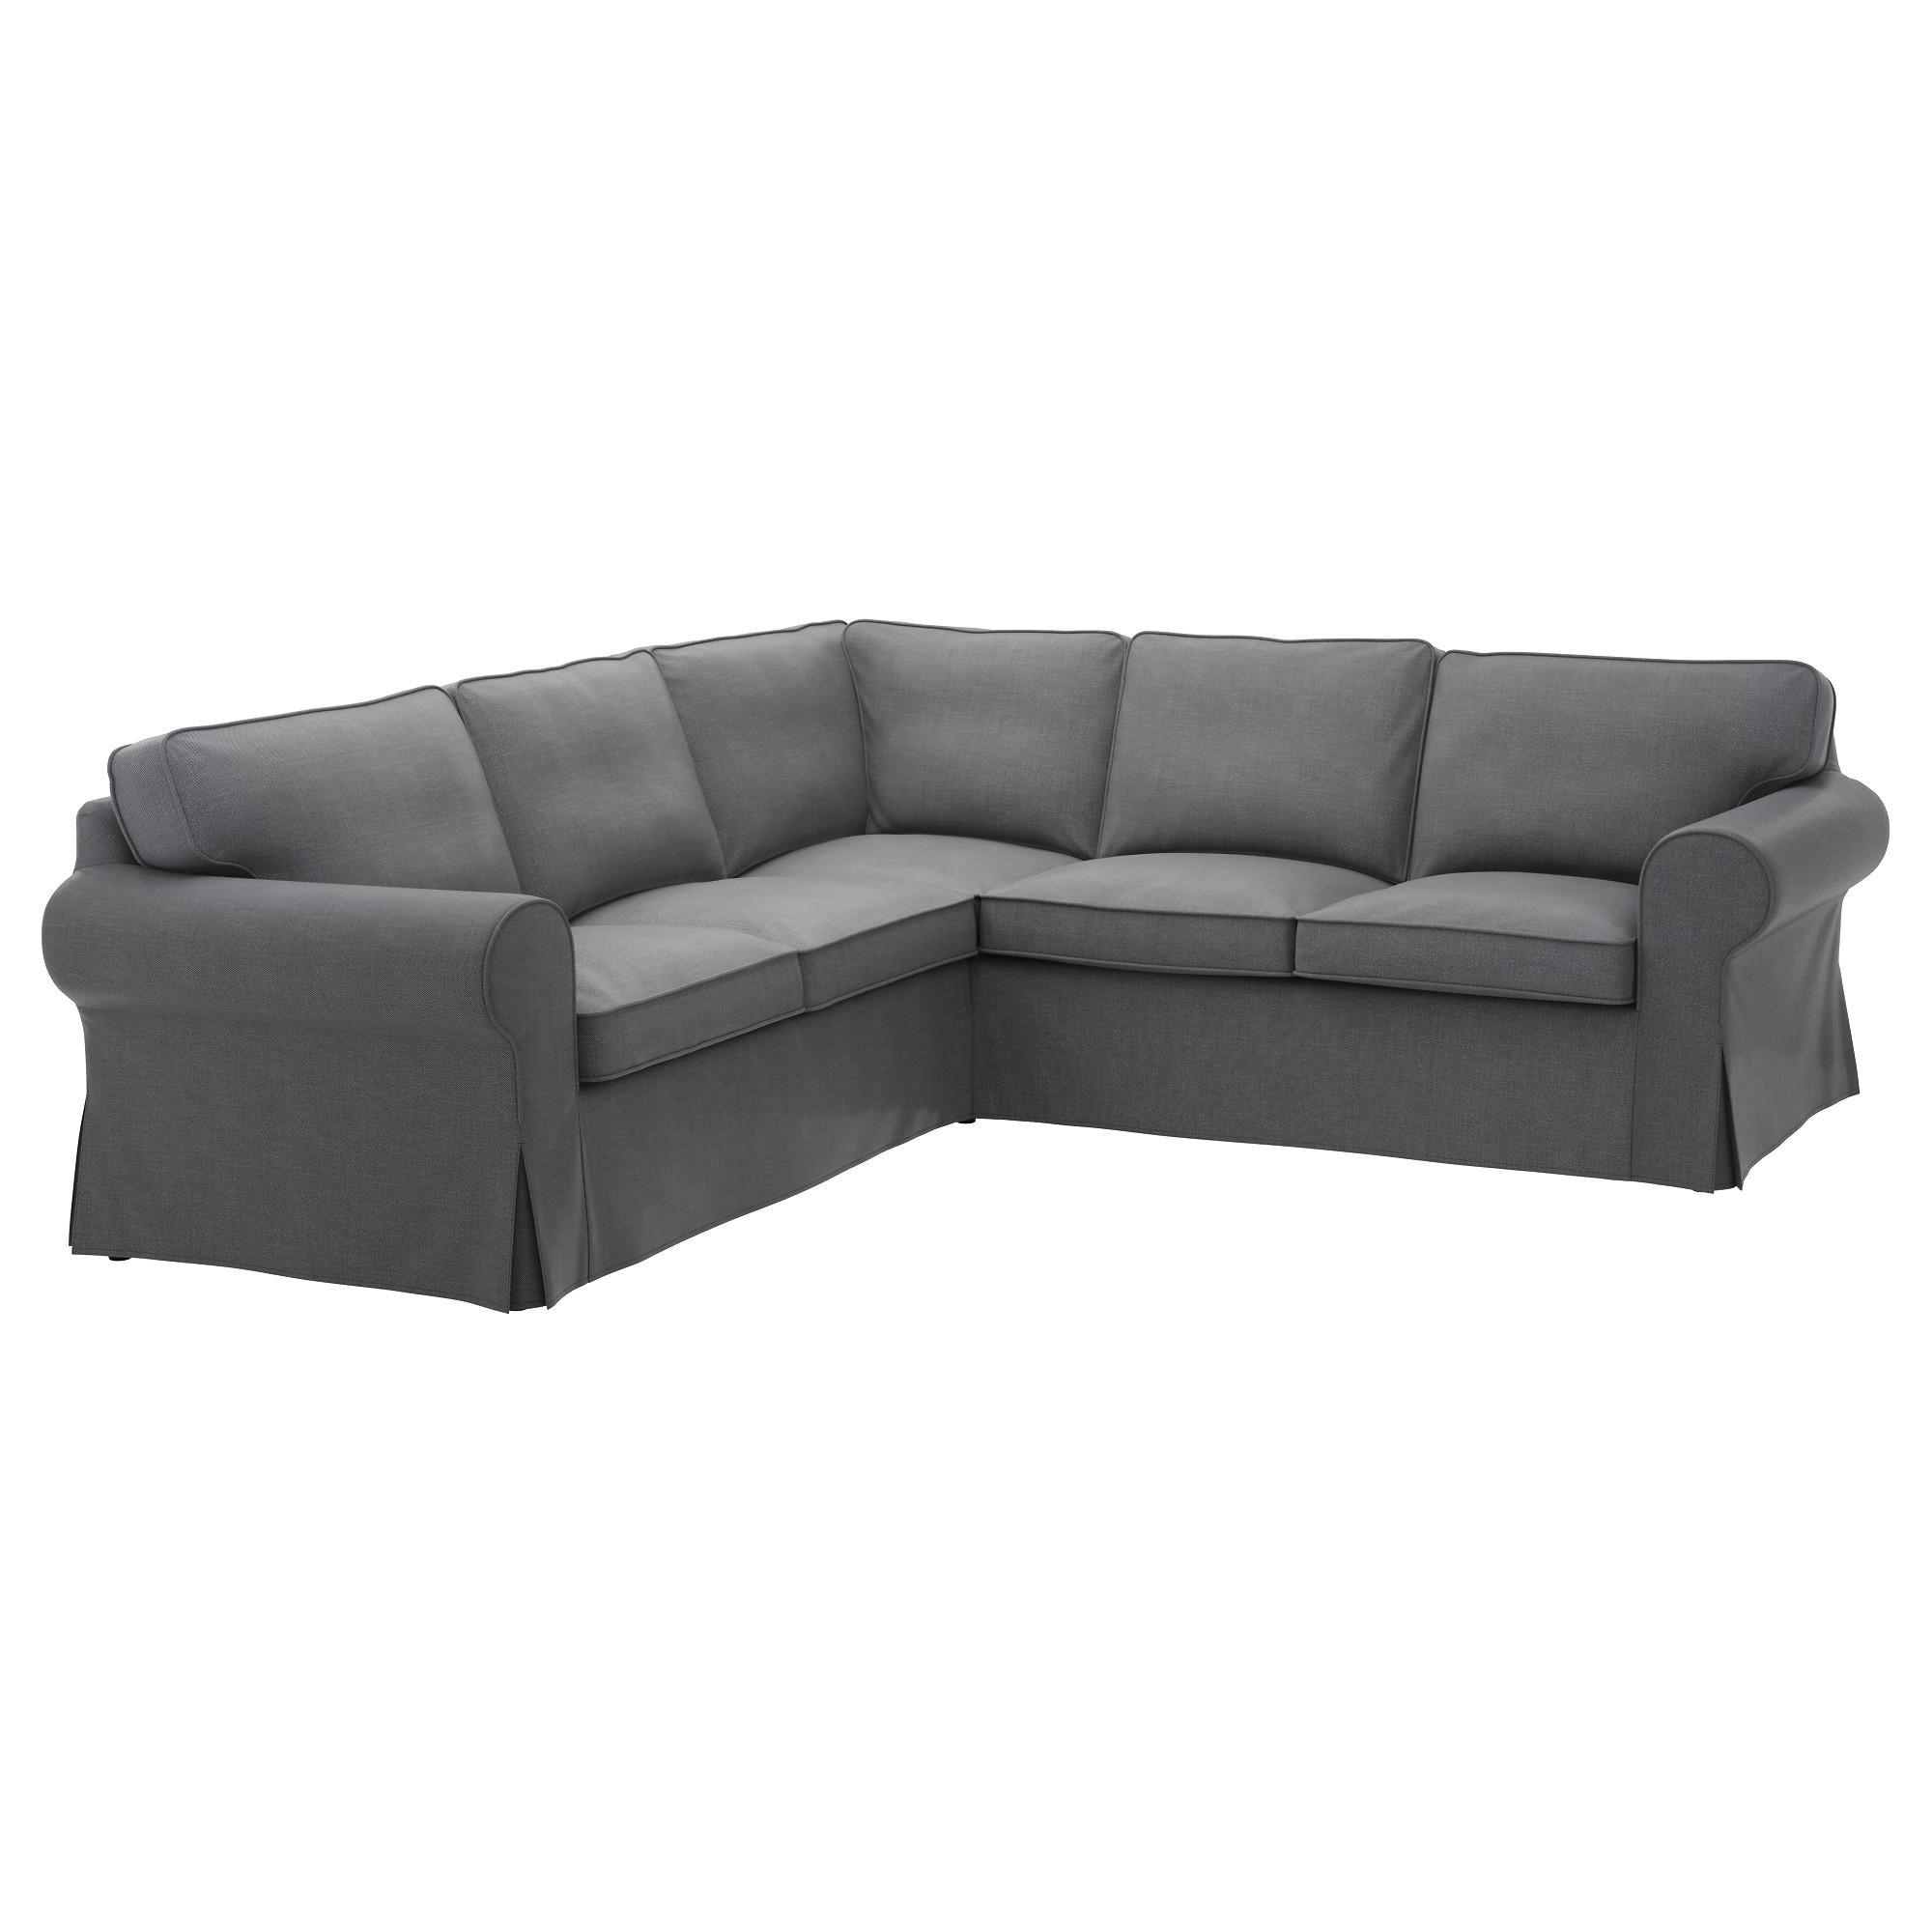 Fabric Sofas – Modern & Contemporary – Ikea Inside Fabric Sofas (View 19 of 20)